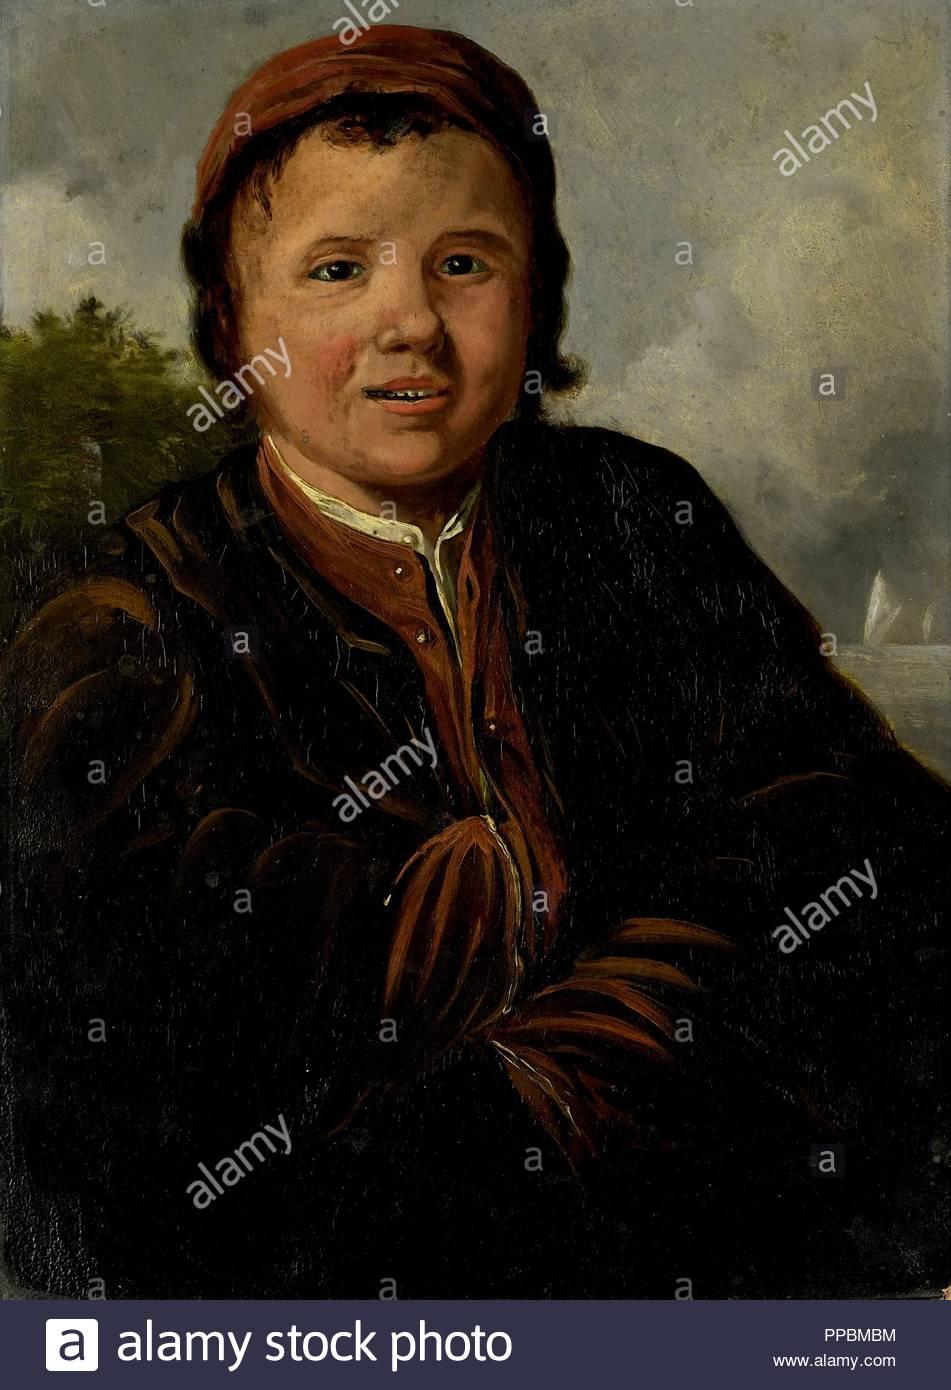 Fisher Boy, copia dopo Frans Hals, 1800 - 1899. Immagini Stock